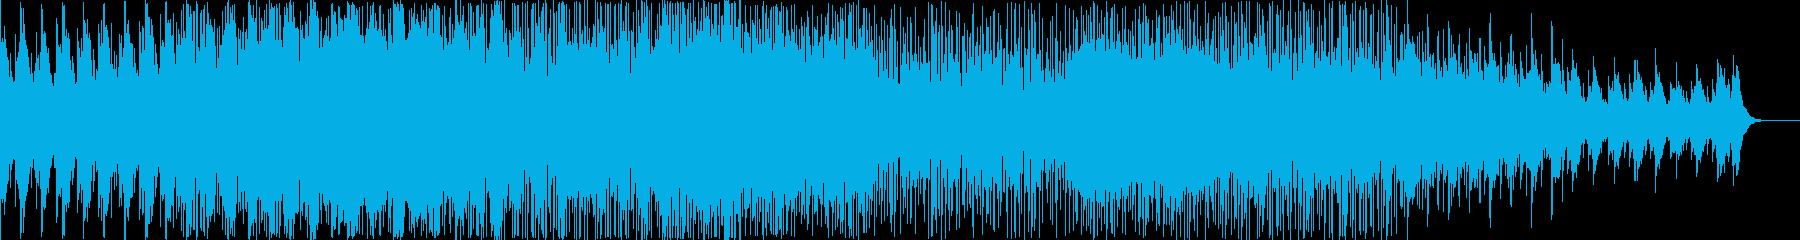 動画 サスペンス アクション クー...の再生済みの波形